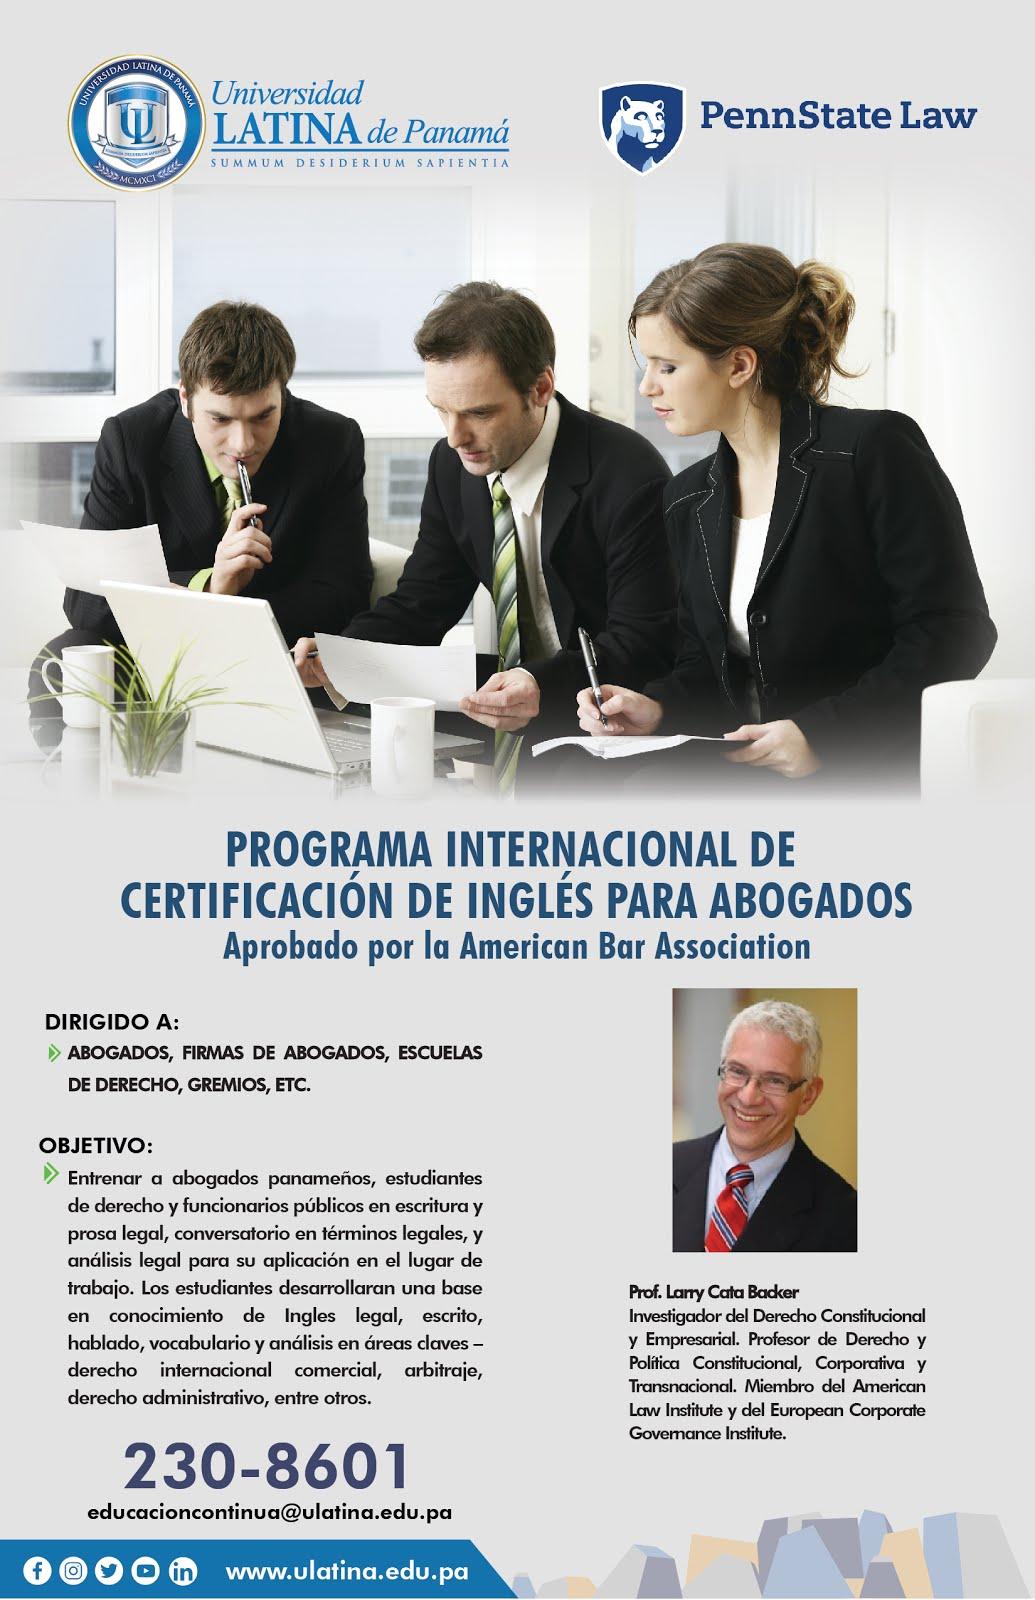 Porgrama Internacional de Certificación de Inglés para Abogados